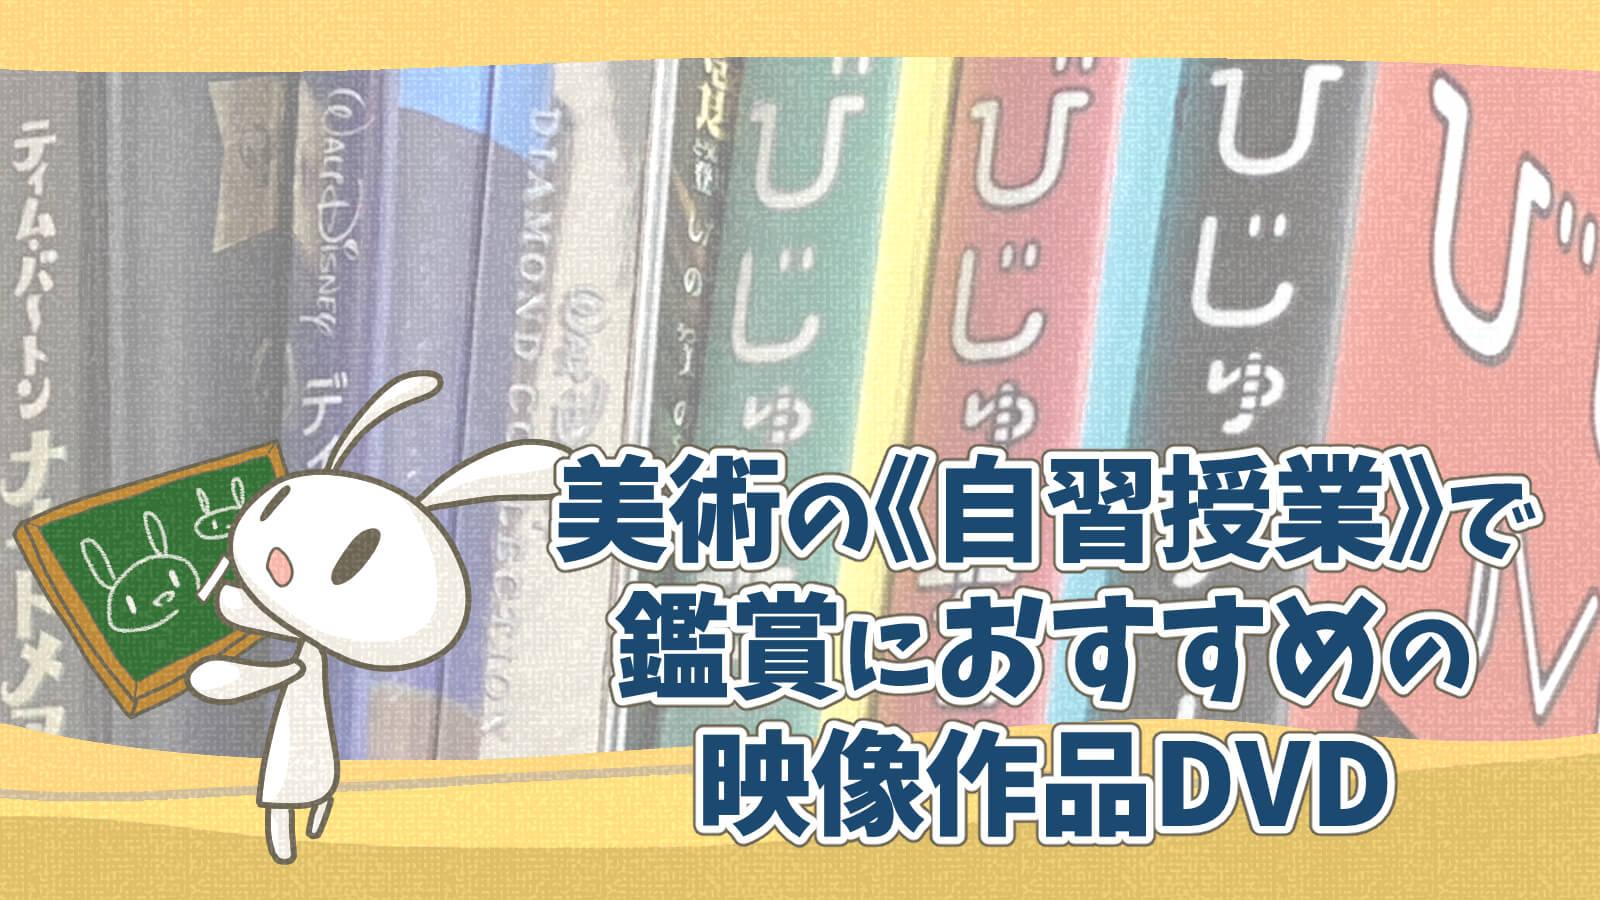 元美術教師がおすすめする中学校高校の自習の授業で見せる鑑賞DVD著作権について